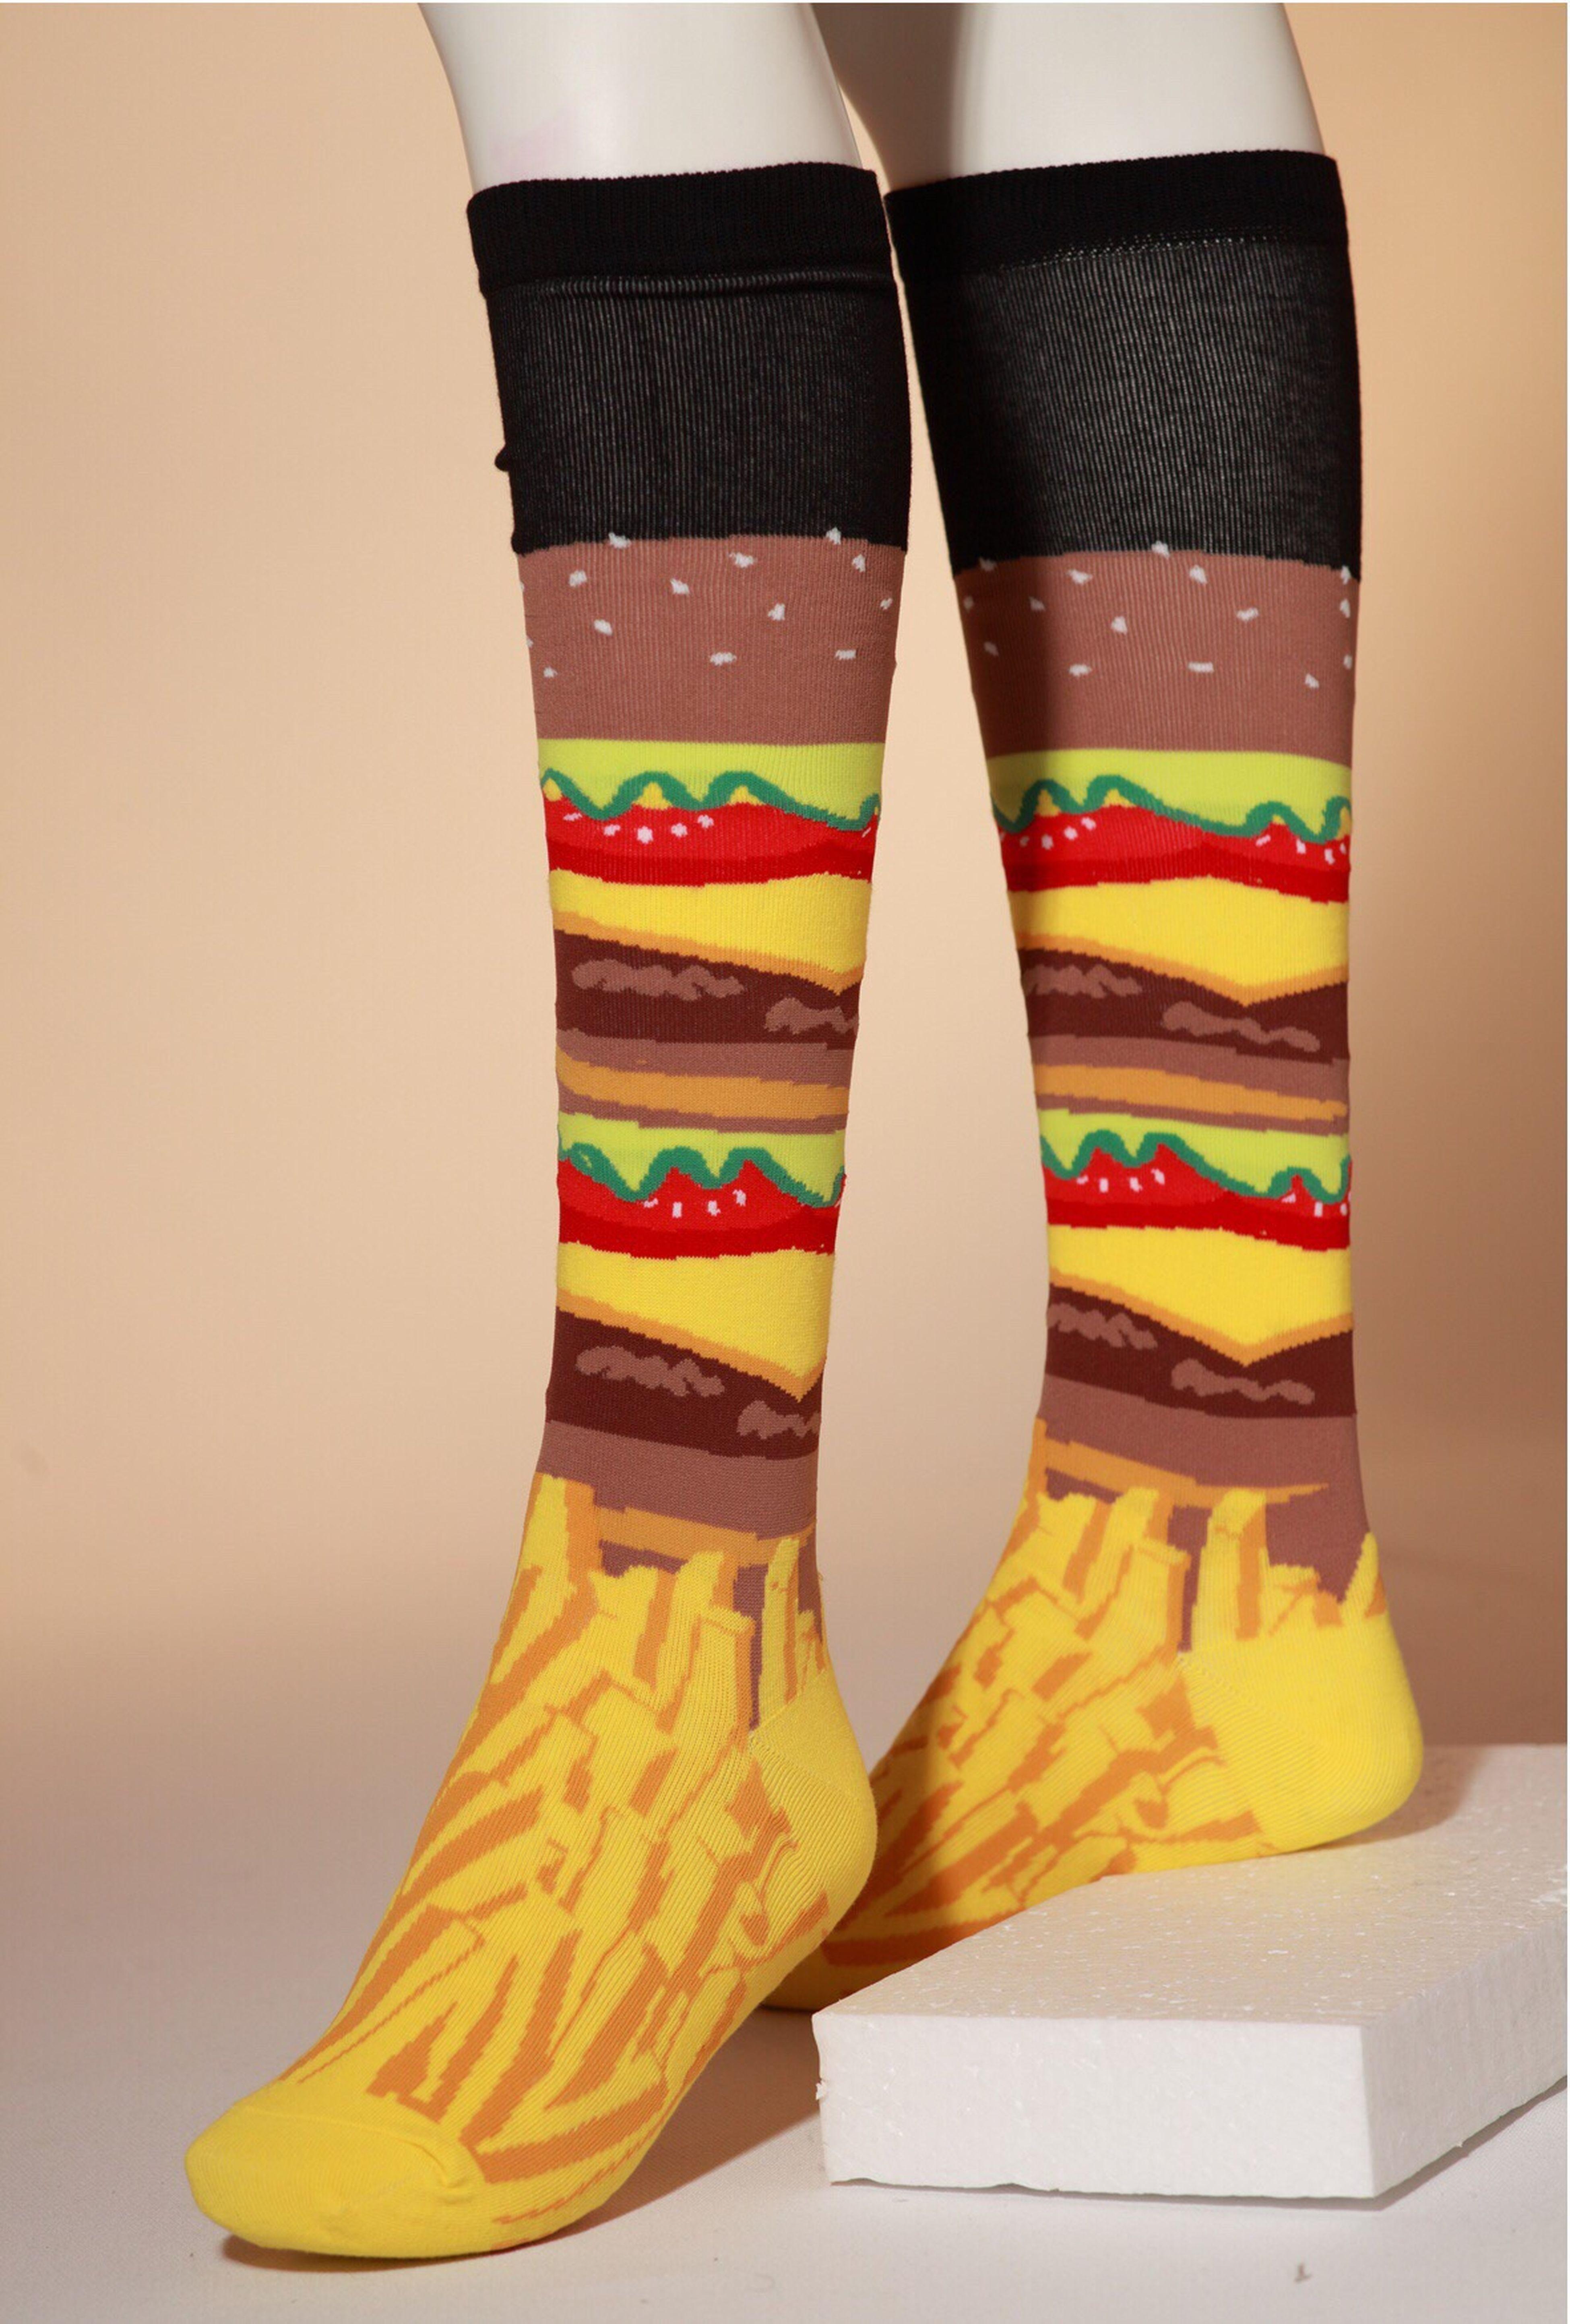 マクドナルドで募金していただいてきた靴下はボーダー、これは正真正銘のハンバーガーとポテトのハイソックス。美味しそう?ですけどこの靴下は食べられません。食べられる靴下なんて無いんですけどね。 ¥2,000+税 K bell #ぽこあぽこ #ポコアポコ #ソックス #socks #pocoapoco